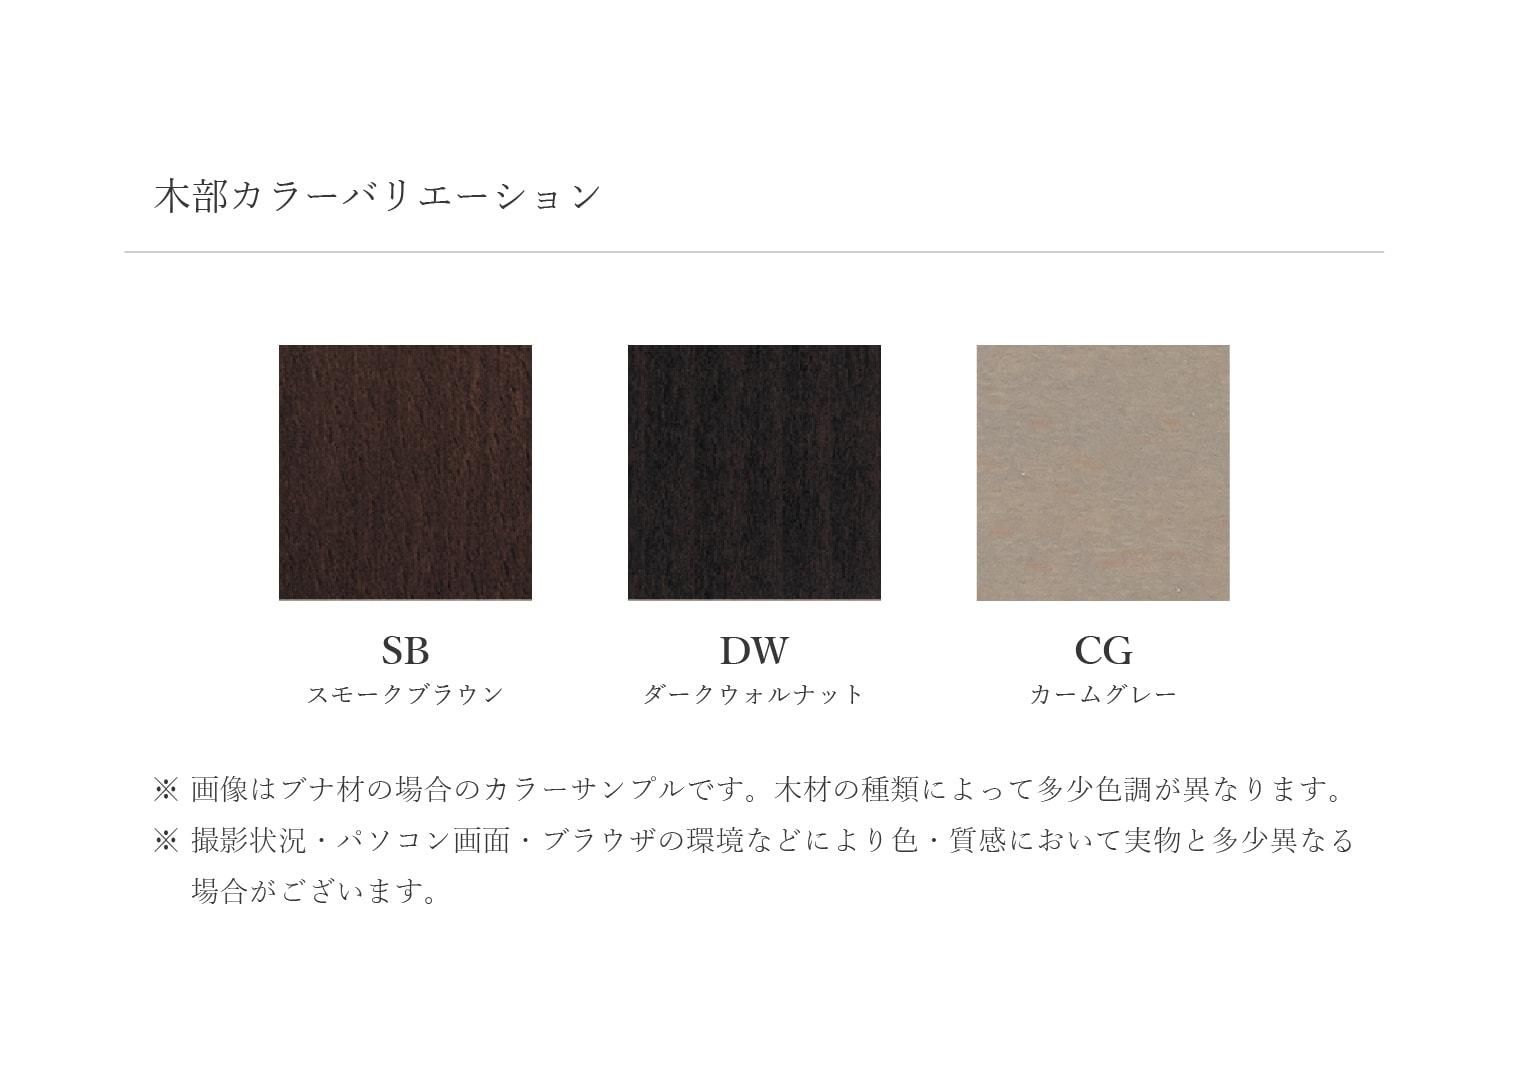 Vst-90 木部カラー